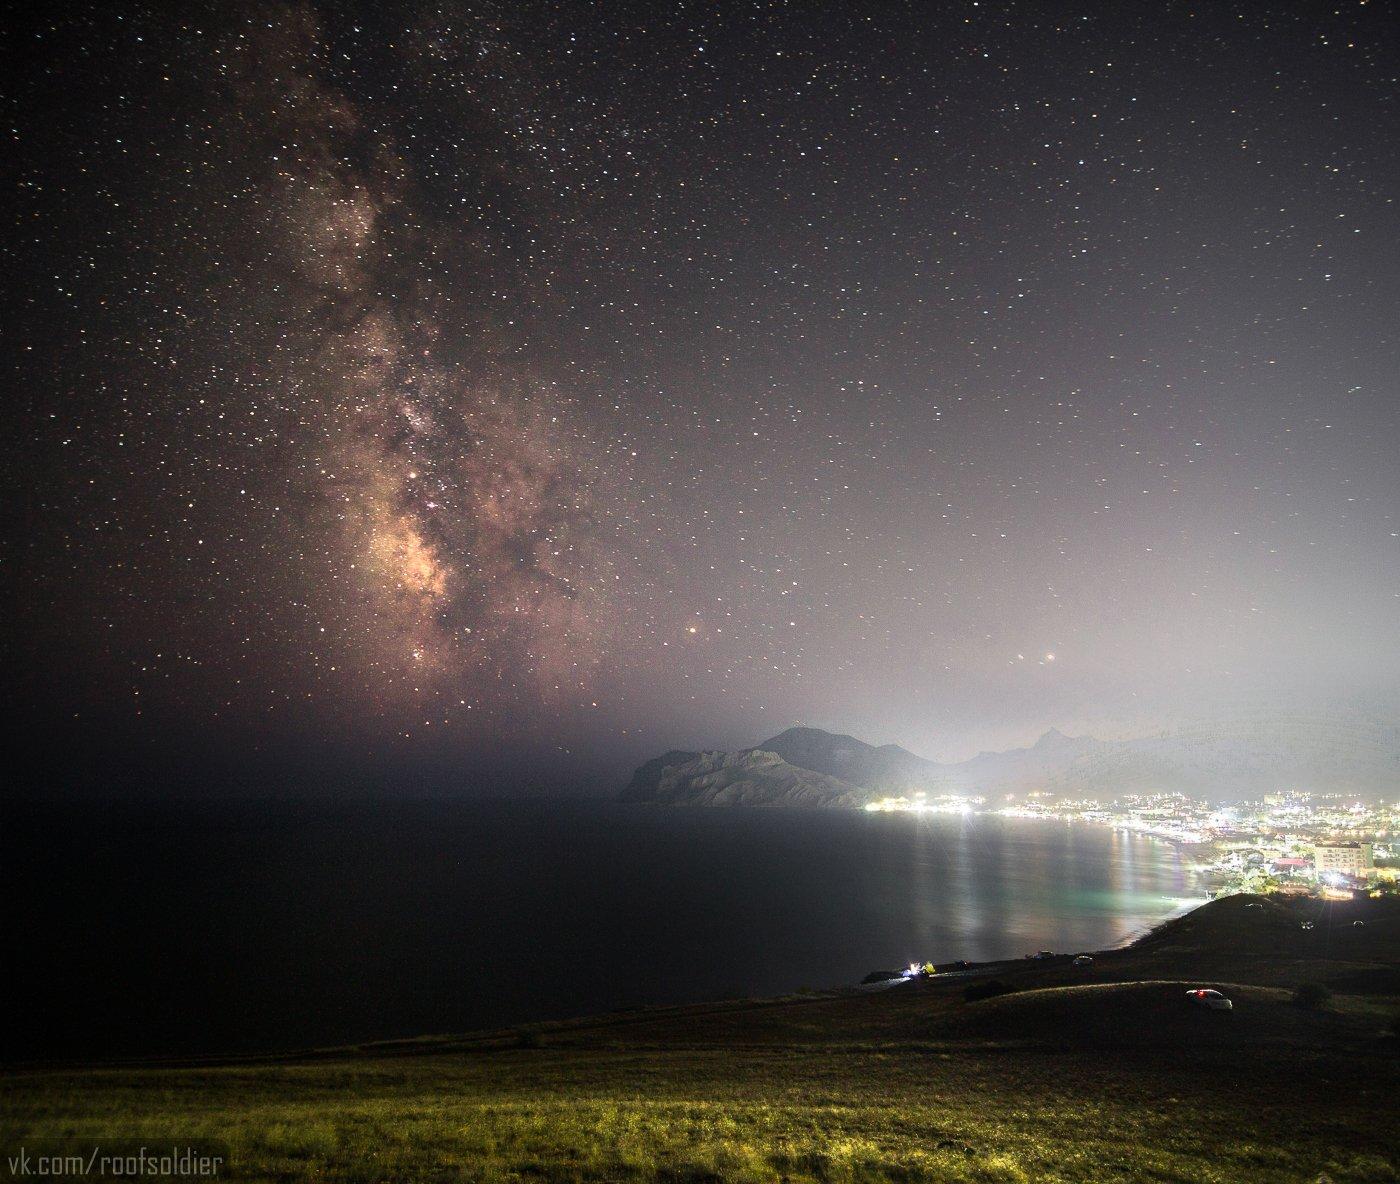 Ночь, звезды, млечный путь, небо, Крым, Коктебель, астрофото, выдержка, Голубев Алексей